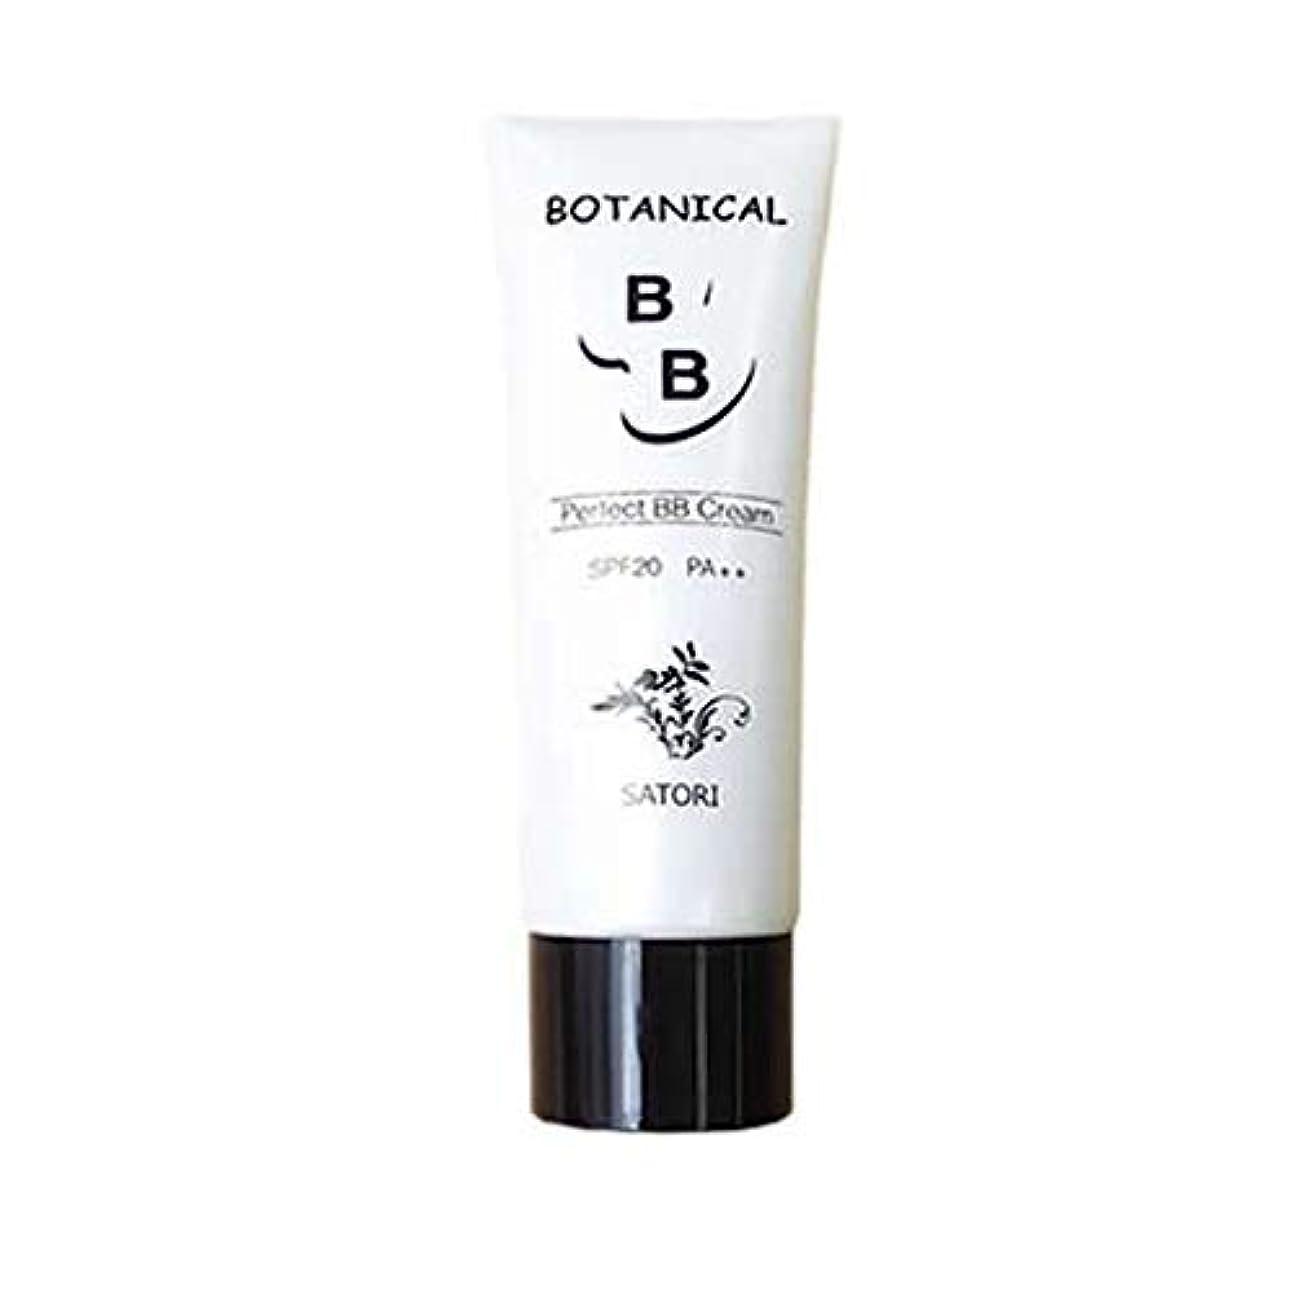 請求書通行人望みSATORI ボタニカル BBパーフェクトクリーム 50g